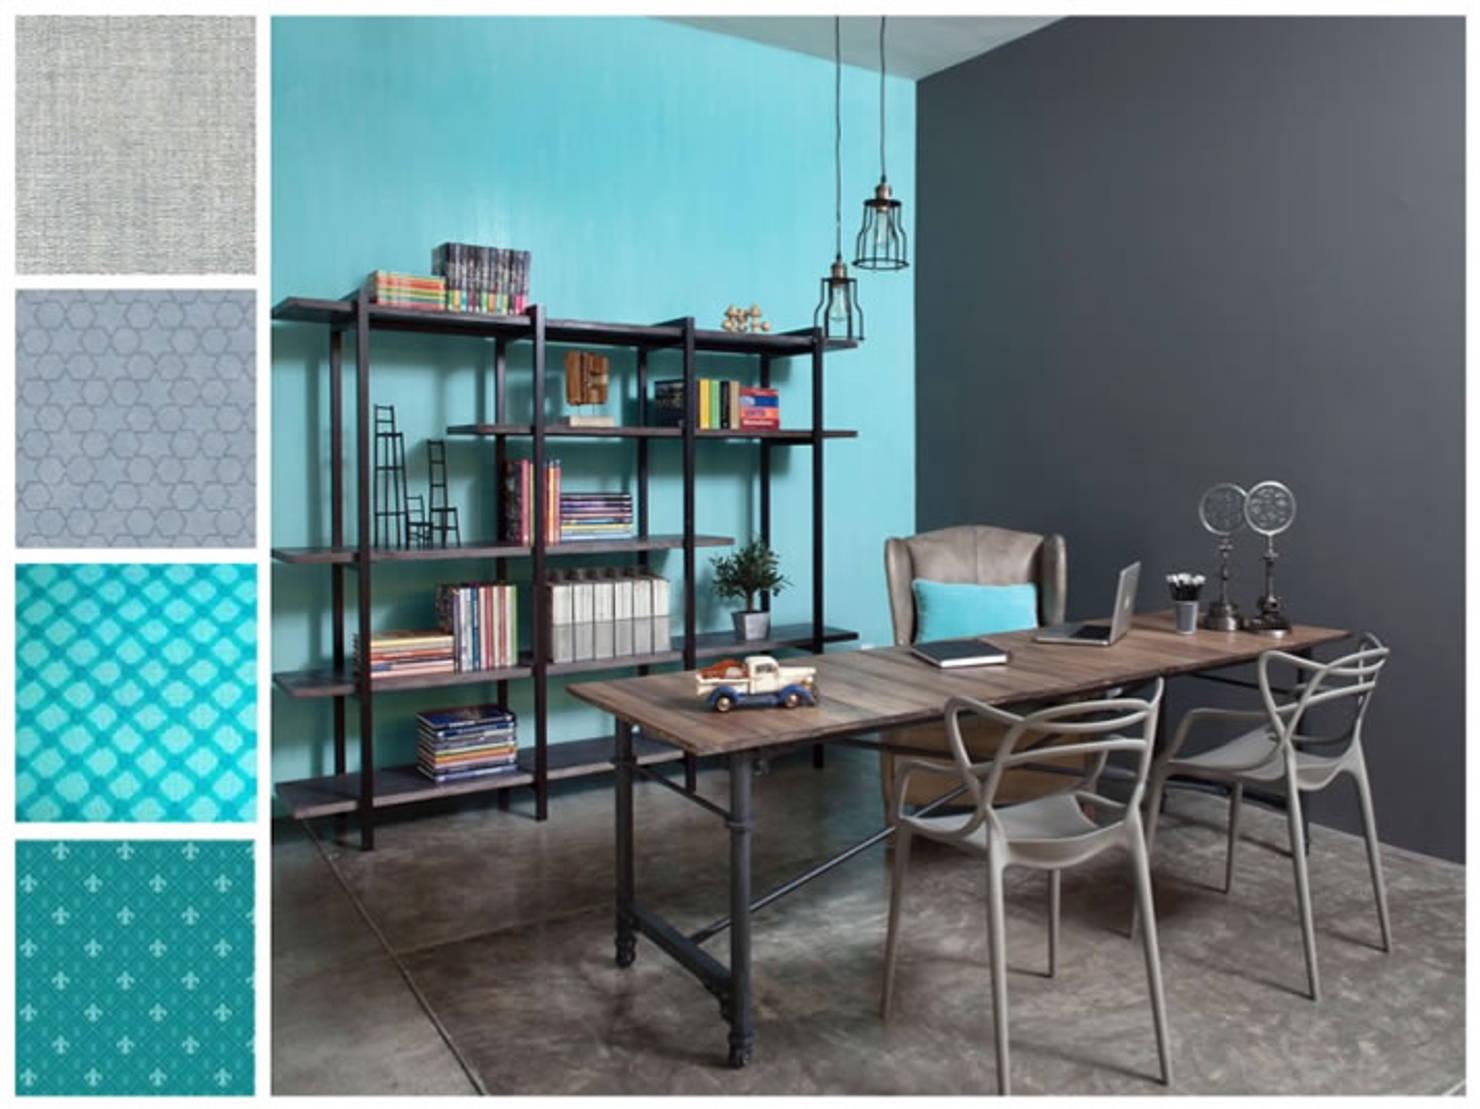 Guía completa para decorar tu casa con azul turquesa